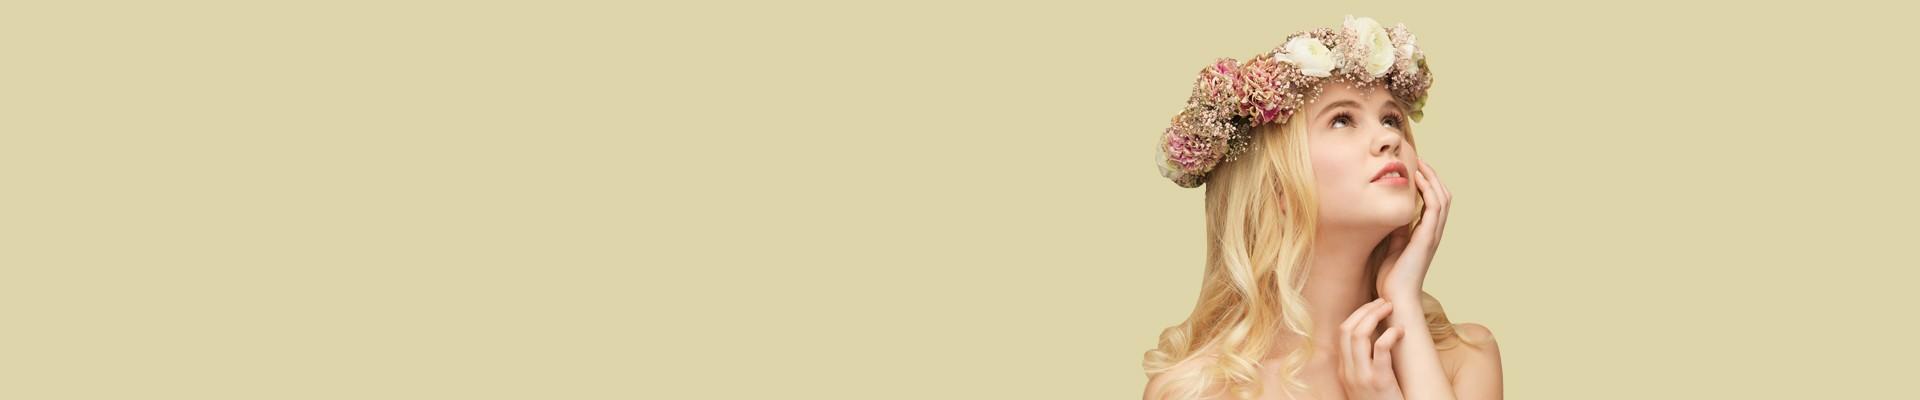 Jual Aksesoris Rambut - Harga Grosir